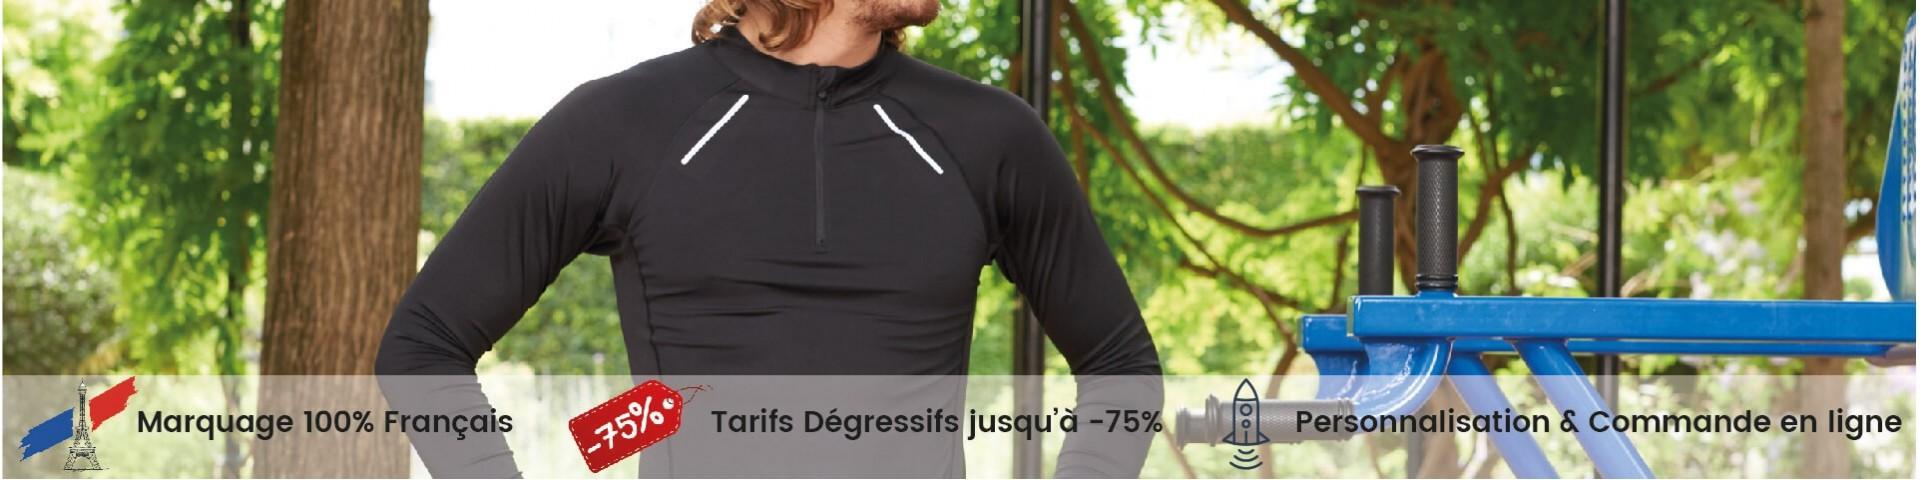 Tee-shirts de sports personnalisé - Flocage, Impression